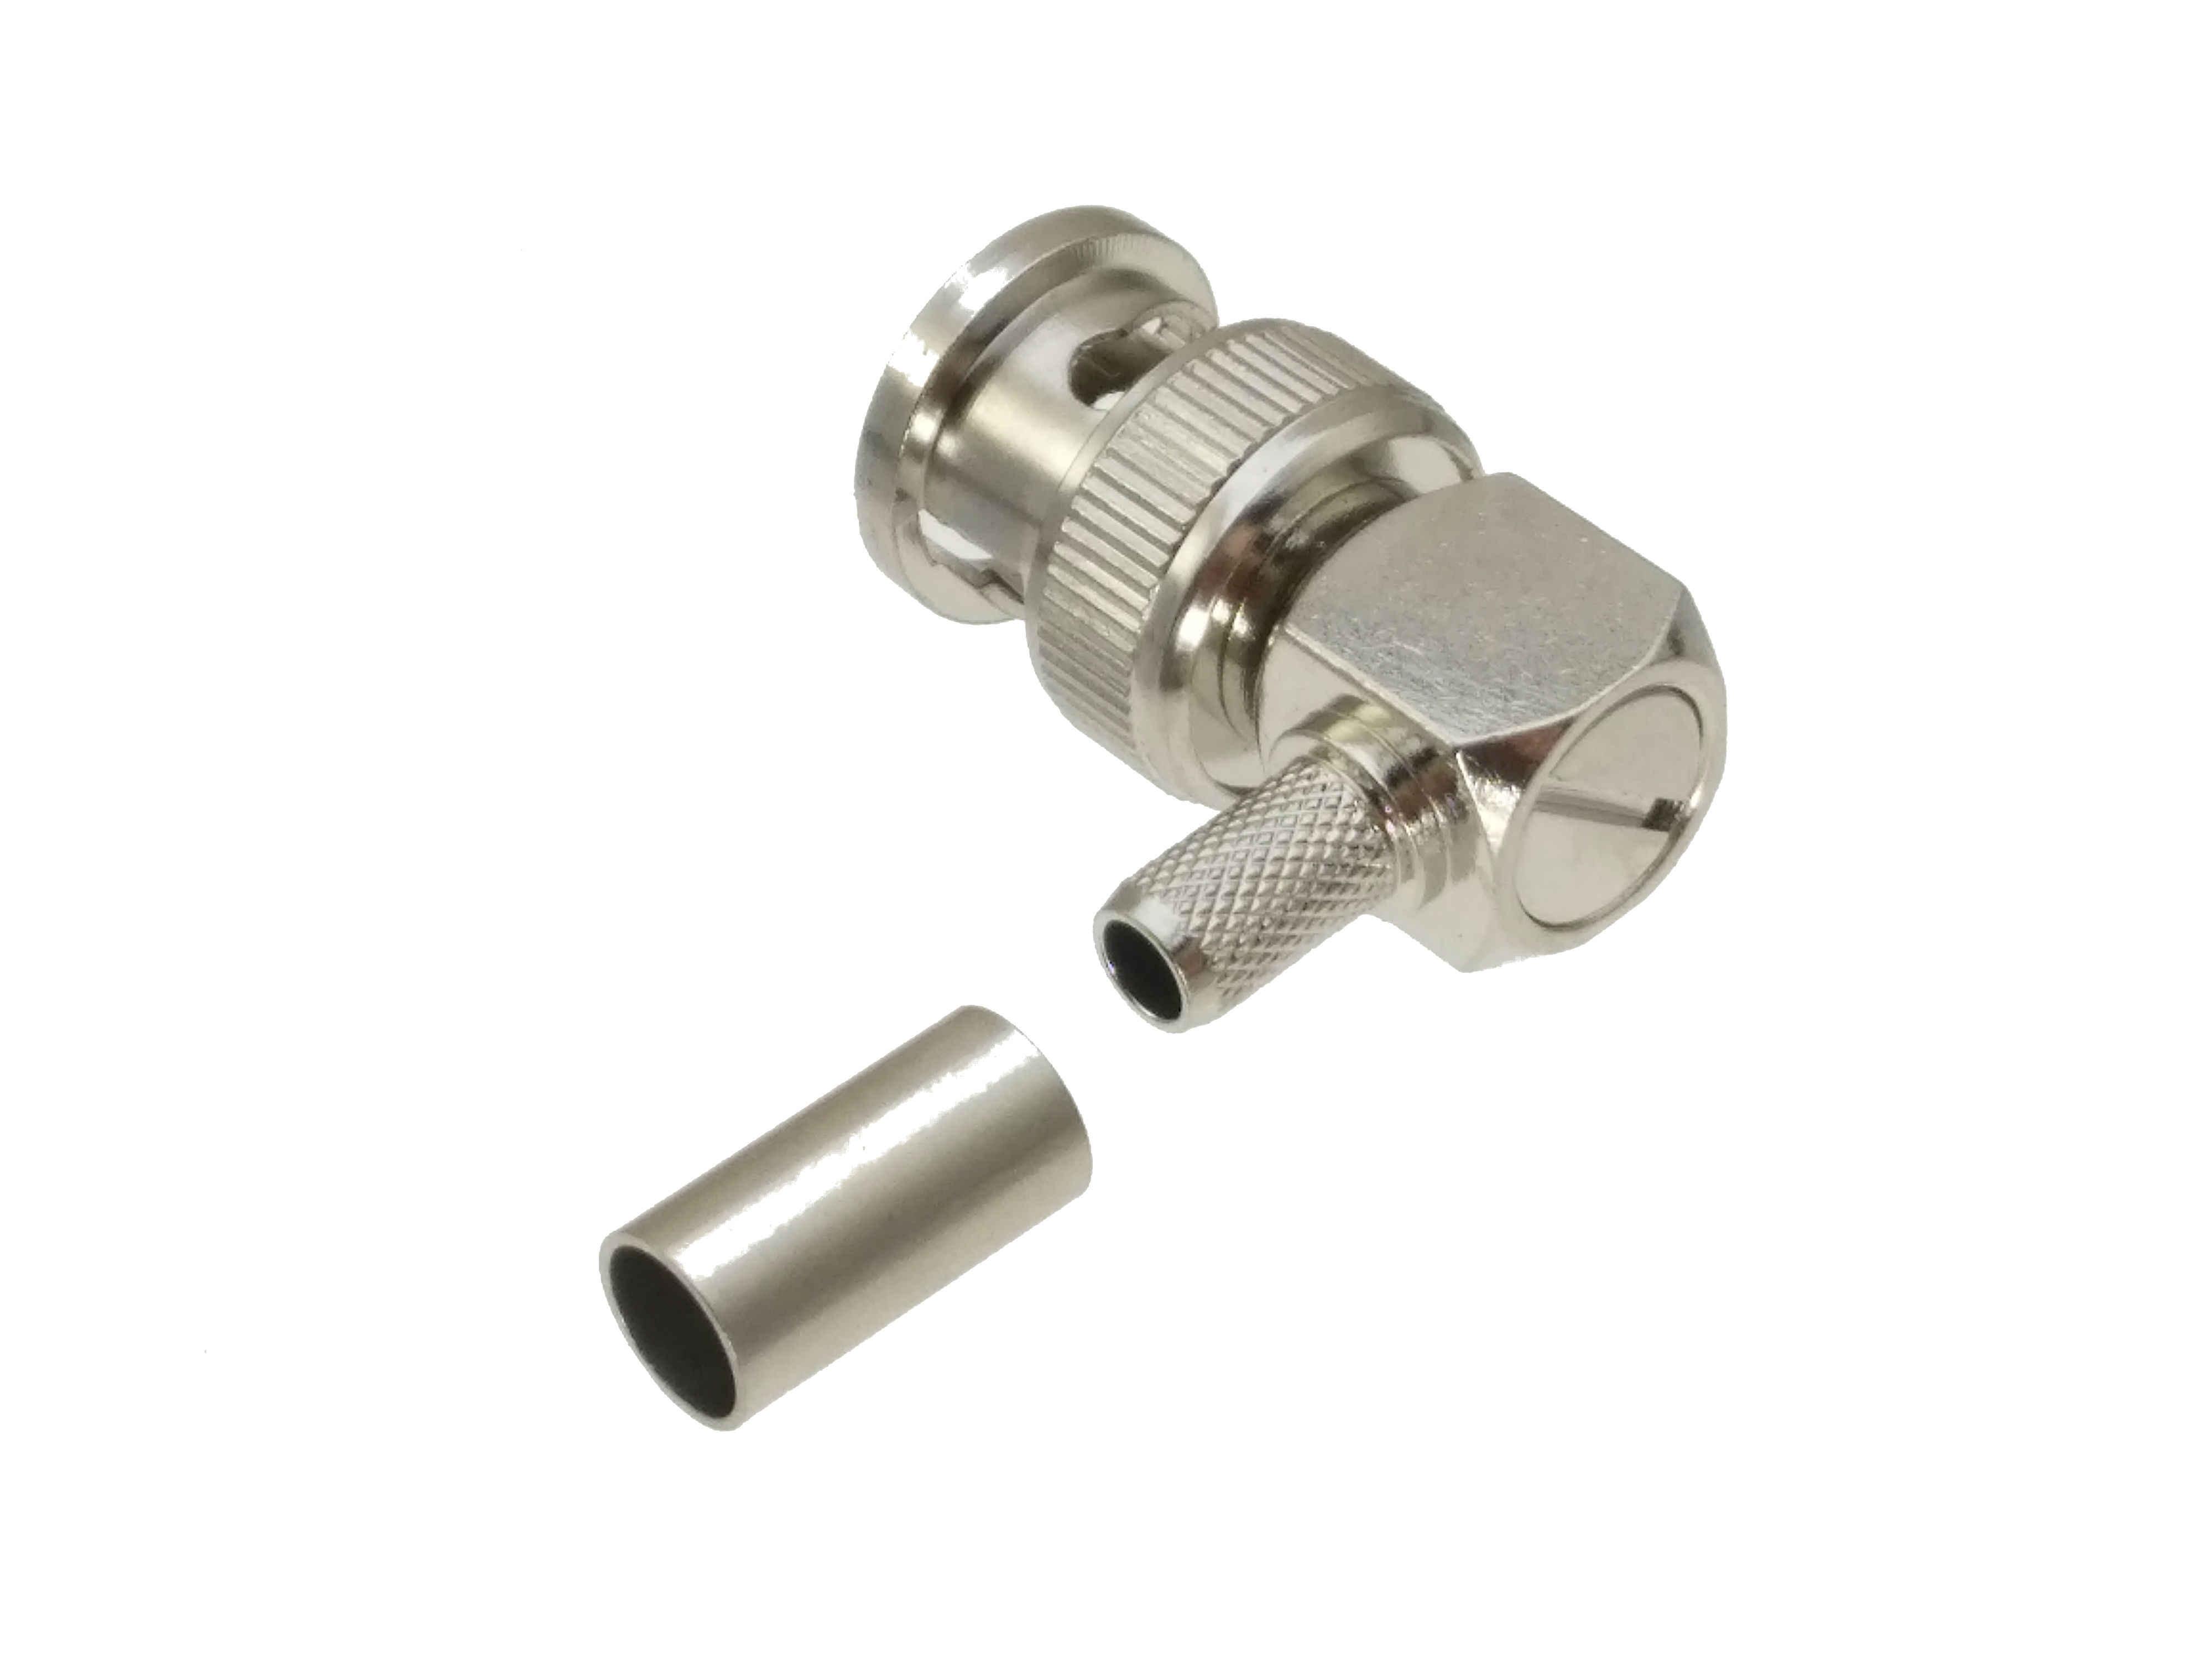 BNC オスプラグライトアングルコネクタケーブル RG142 LMR195 RG58 RG400 ケーブル RF コネクタ